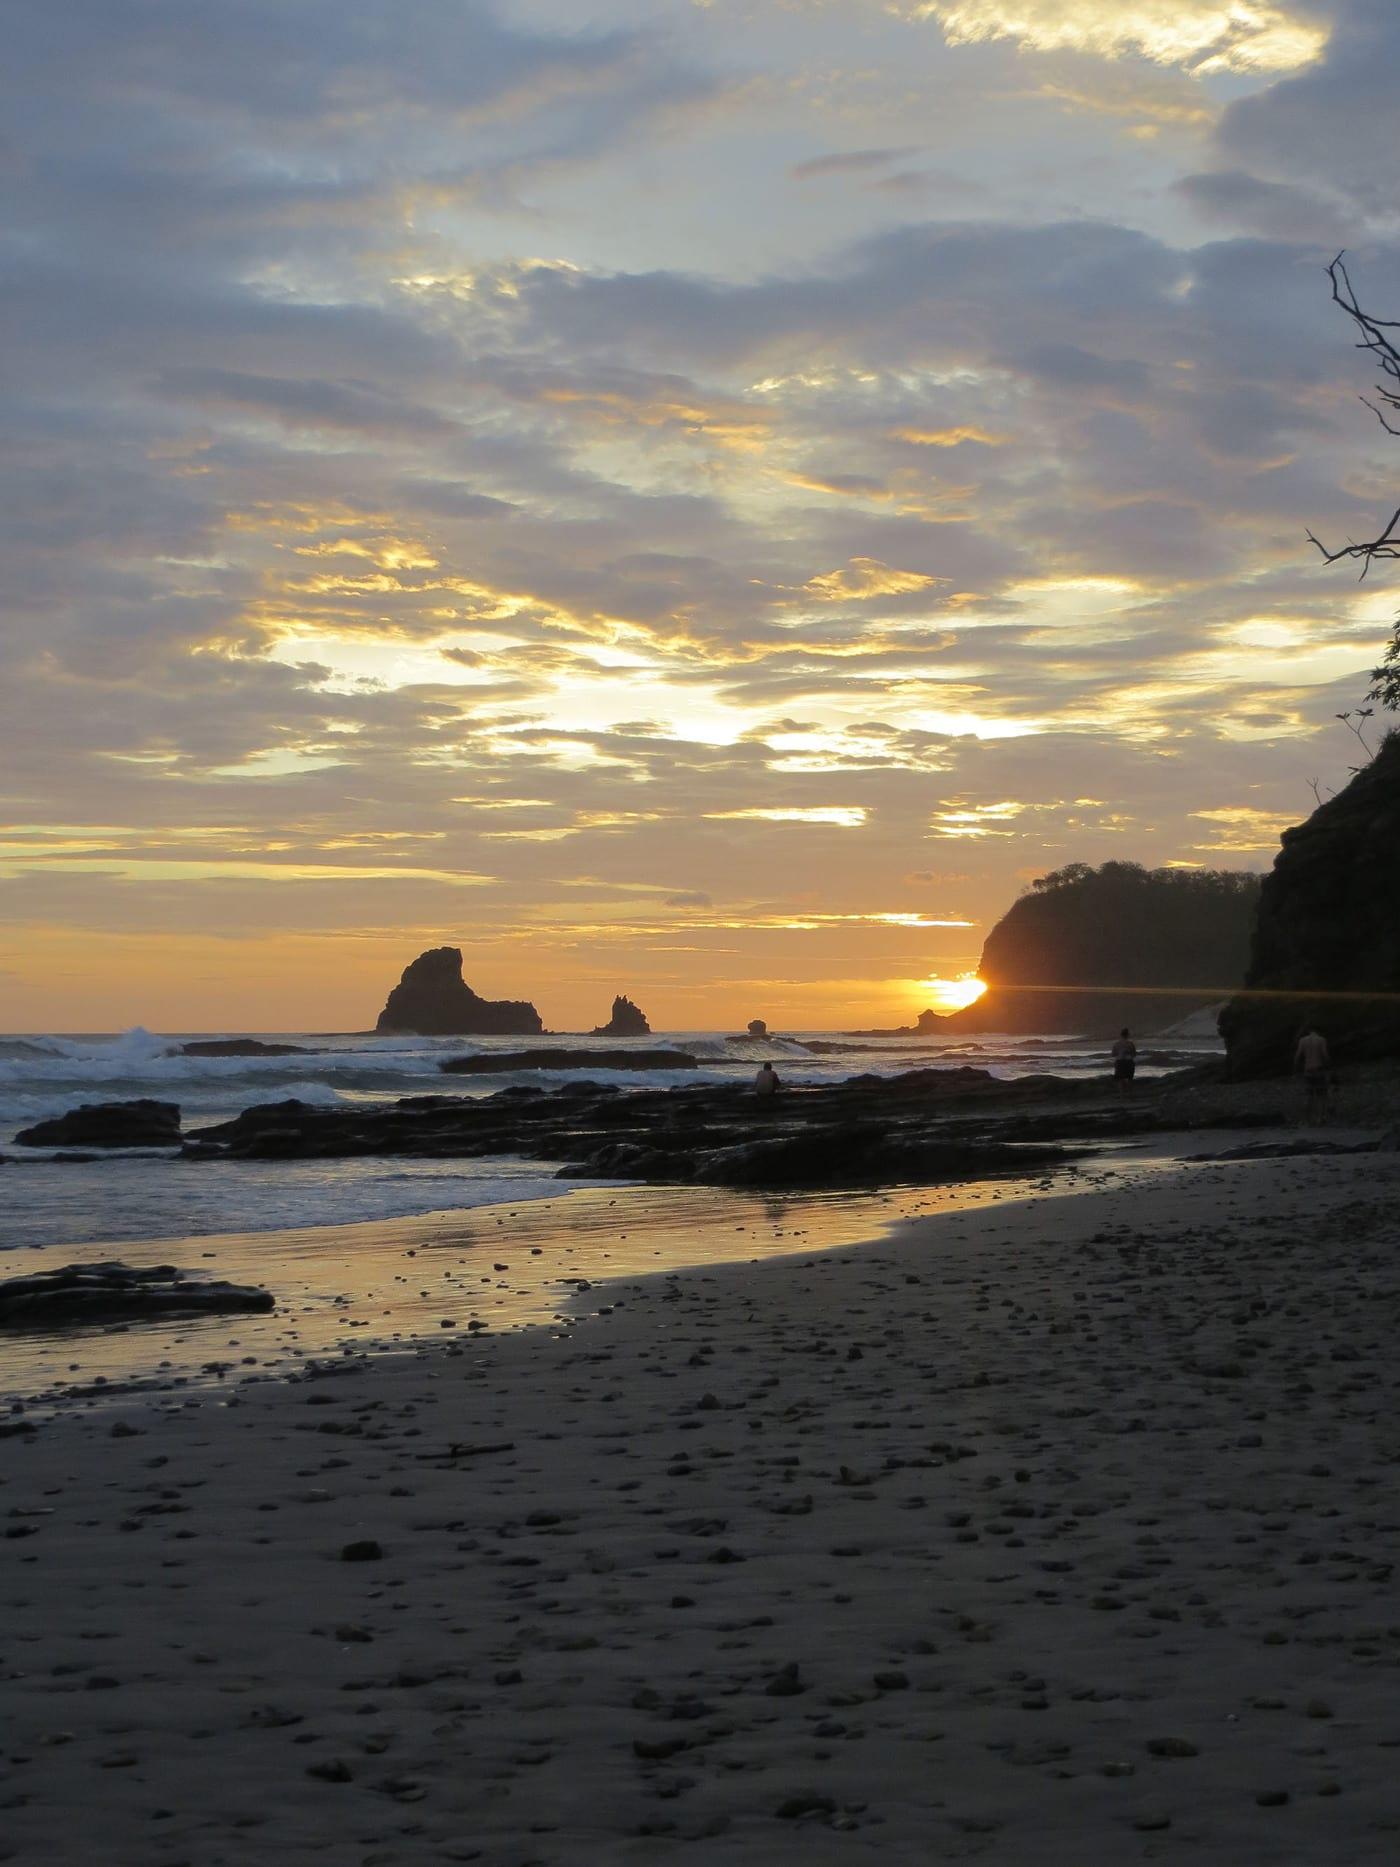 Playa Maderas in San Juan Del Sur, Nicaragua